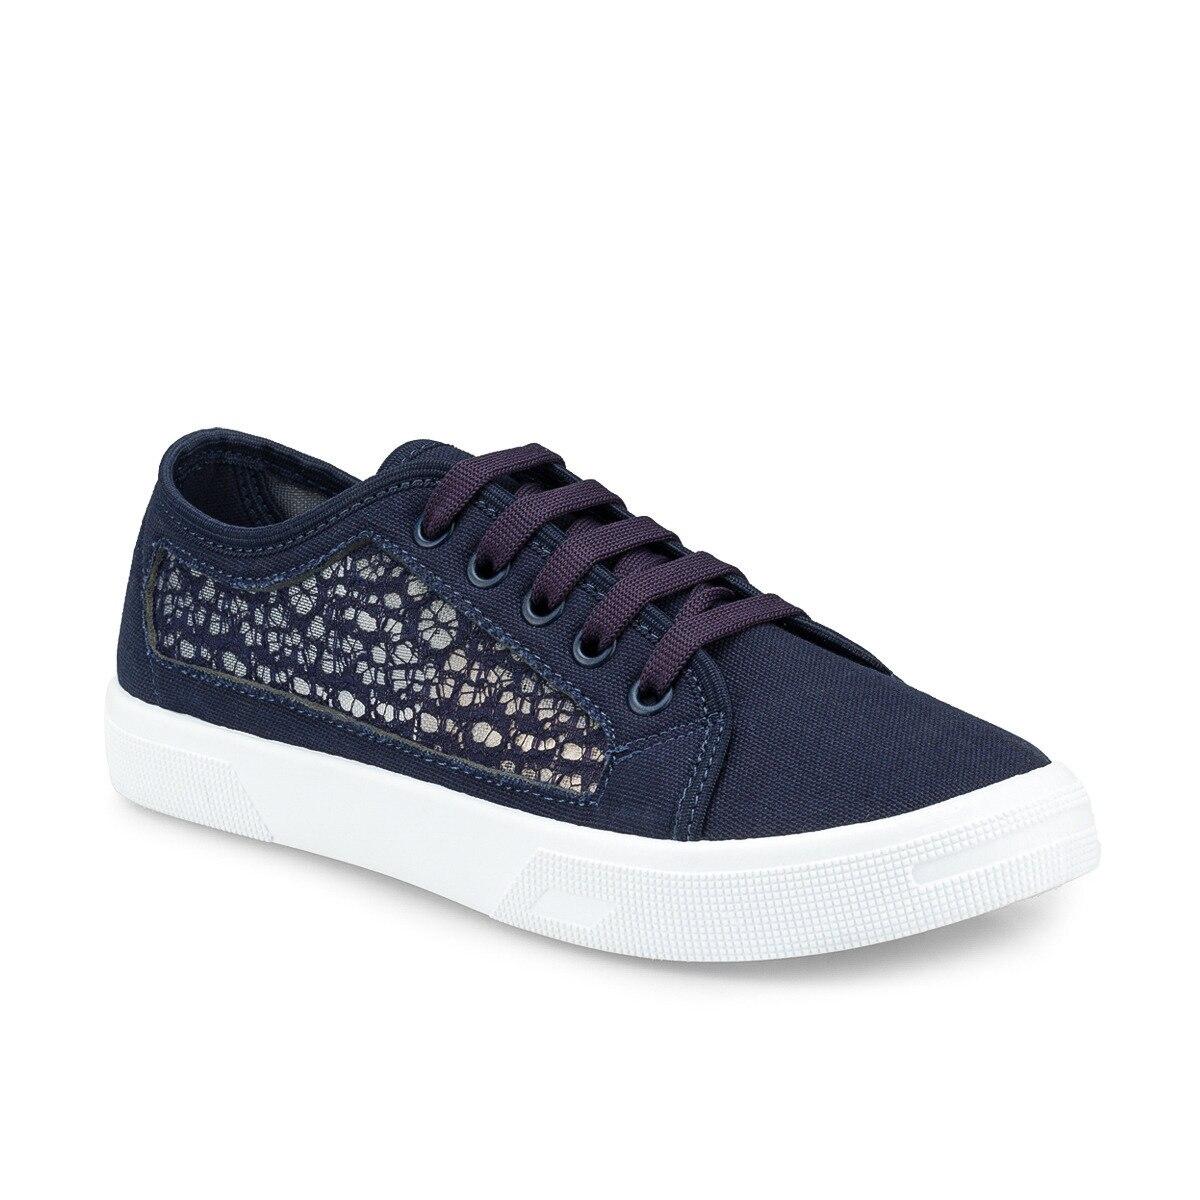 FLO 91. 311647.Z Black Women 'S Sneaker Shoes Polaris